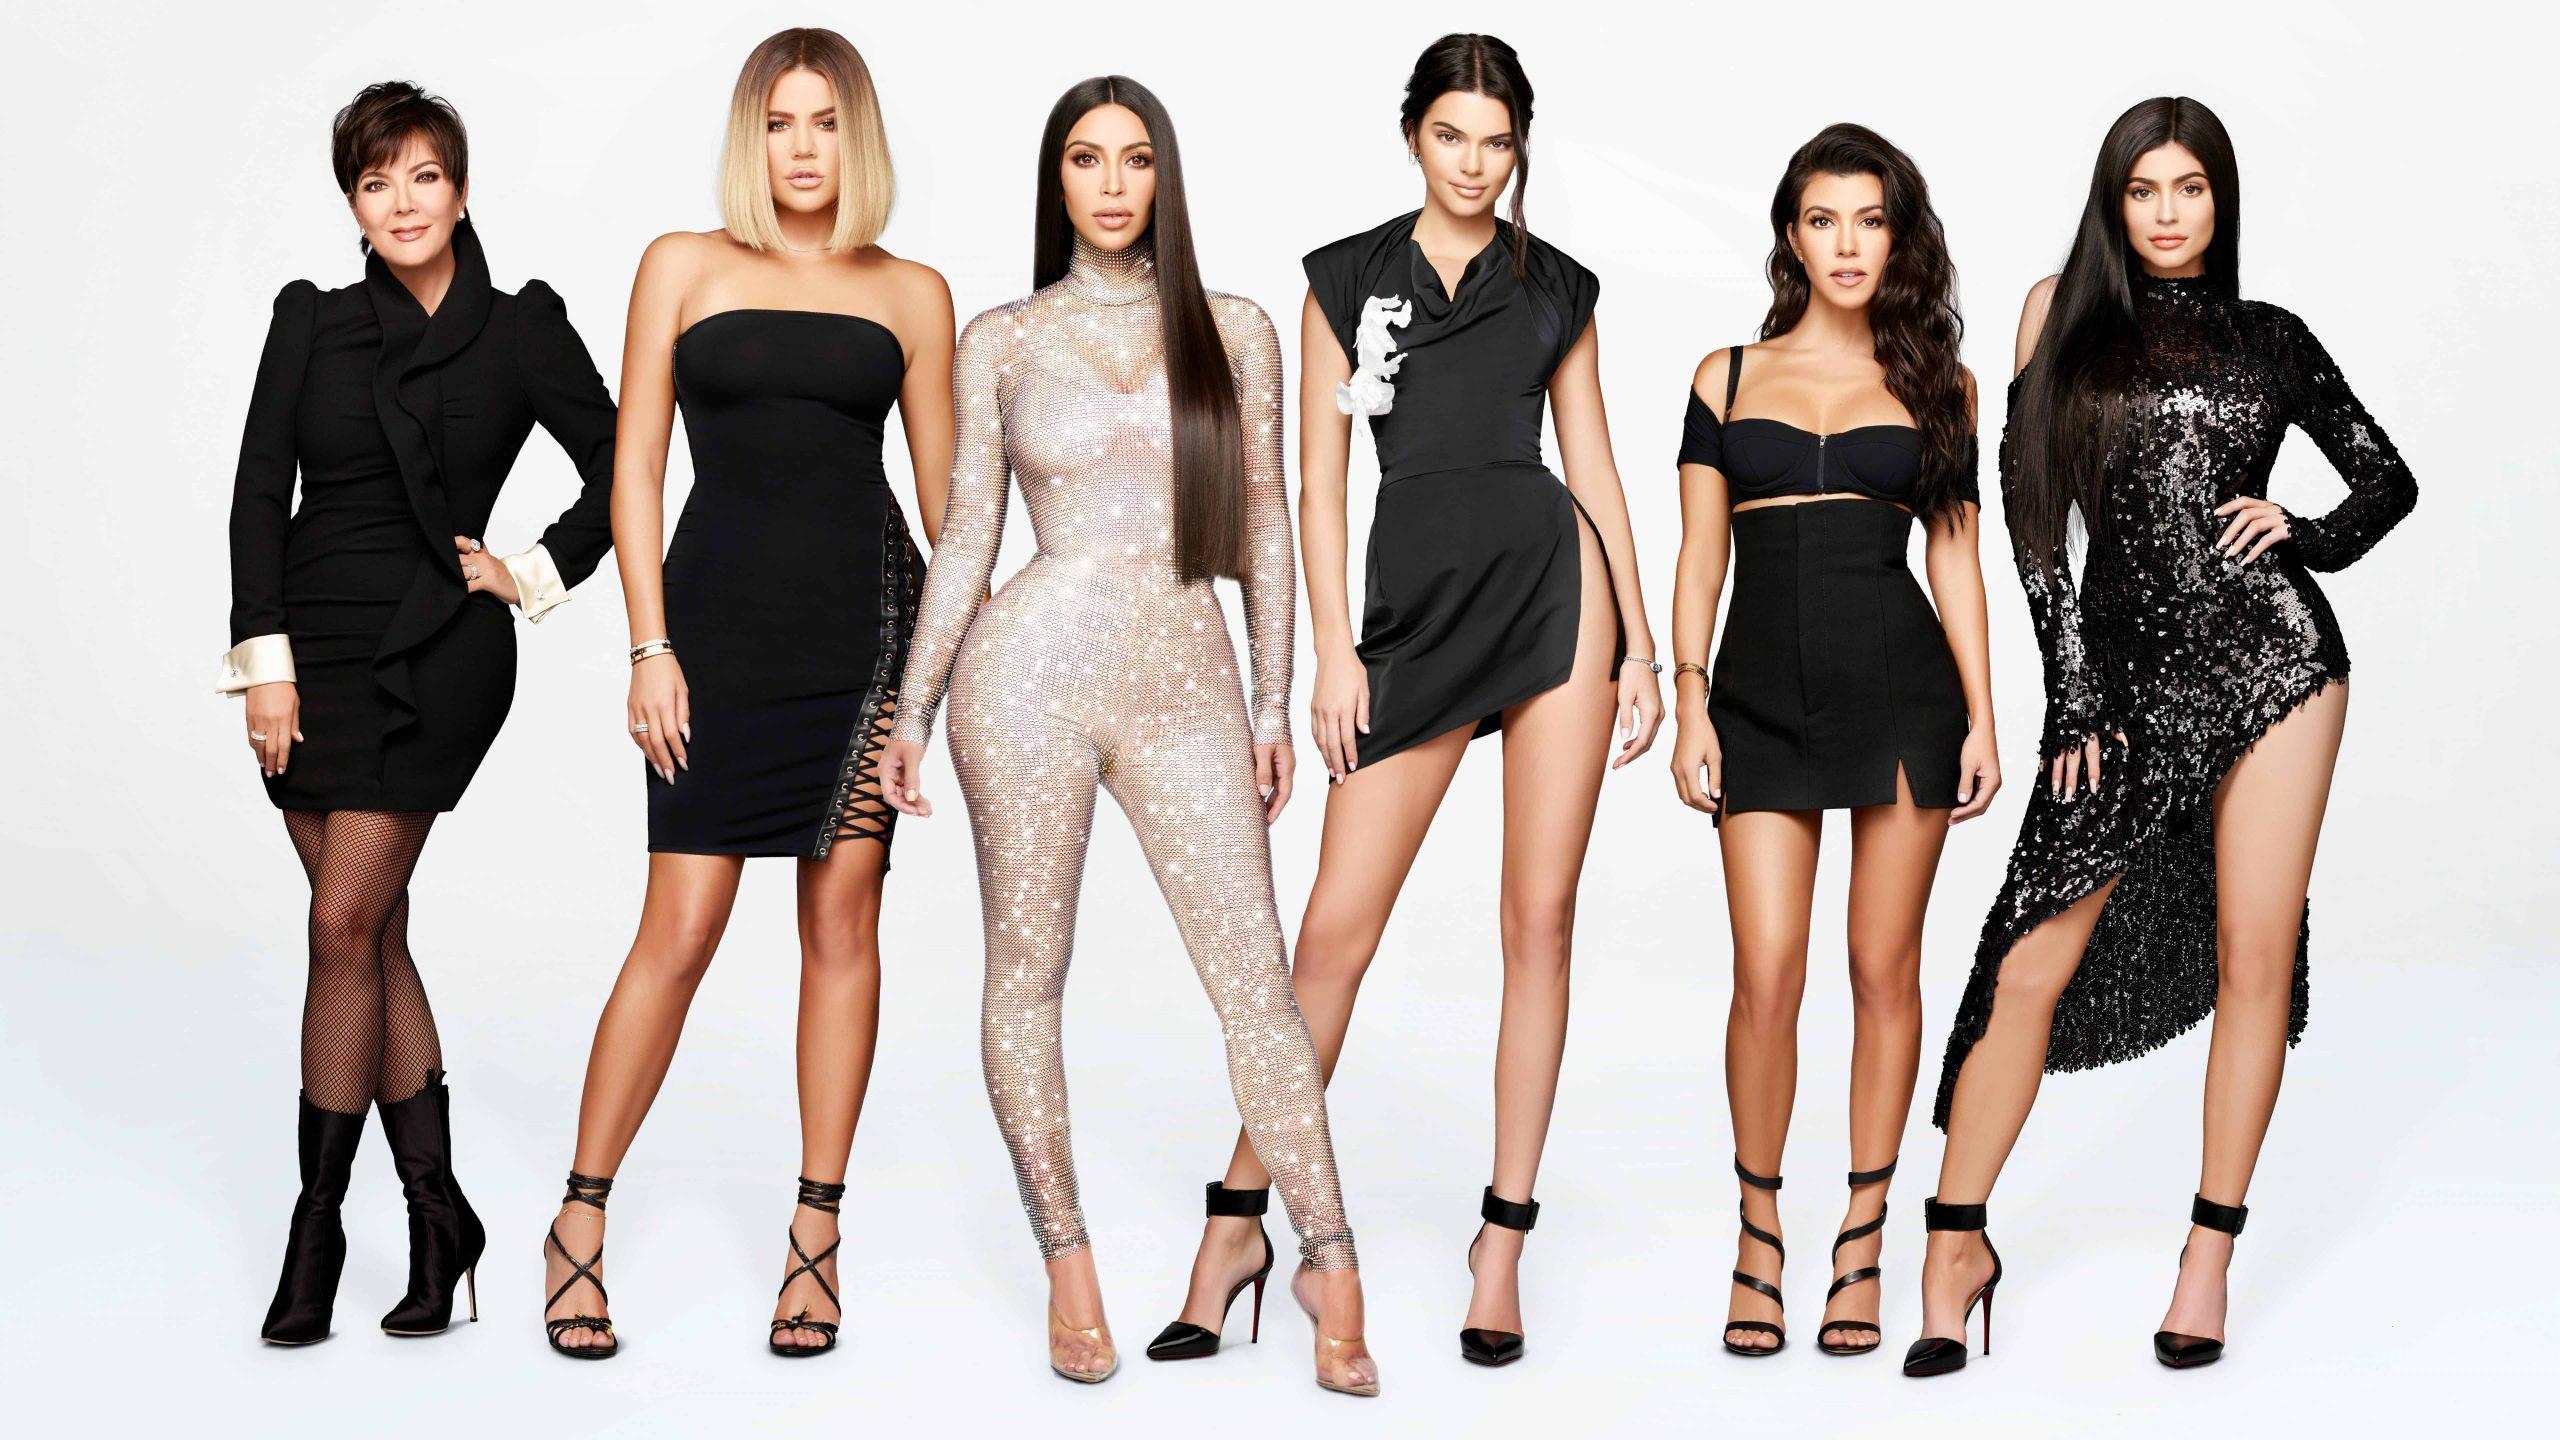 blac chyna kardashian trademark